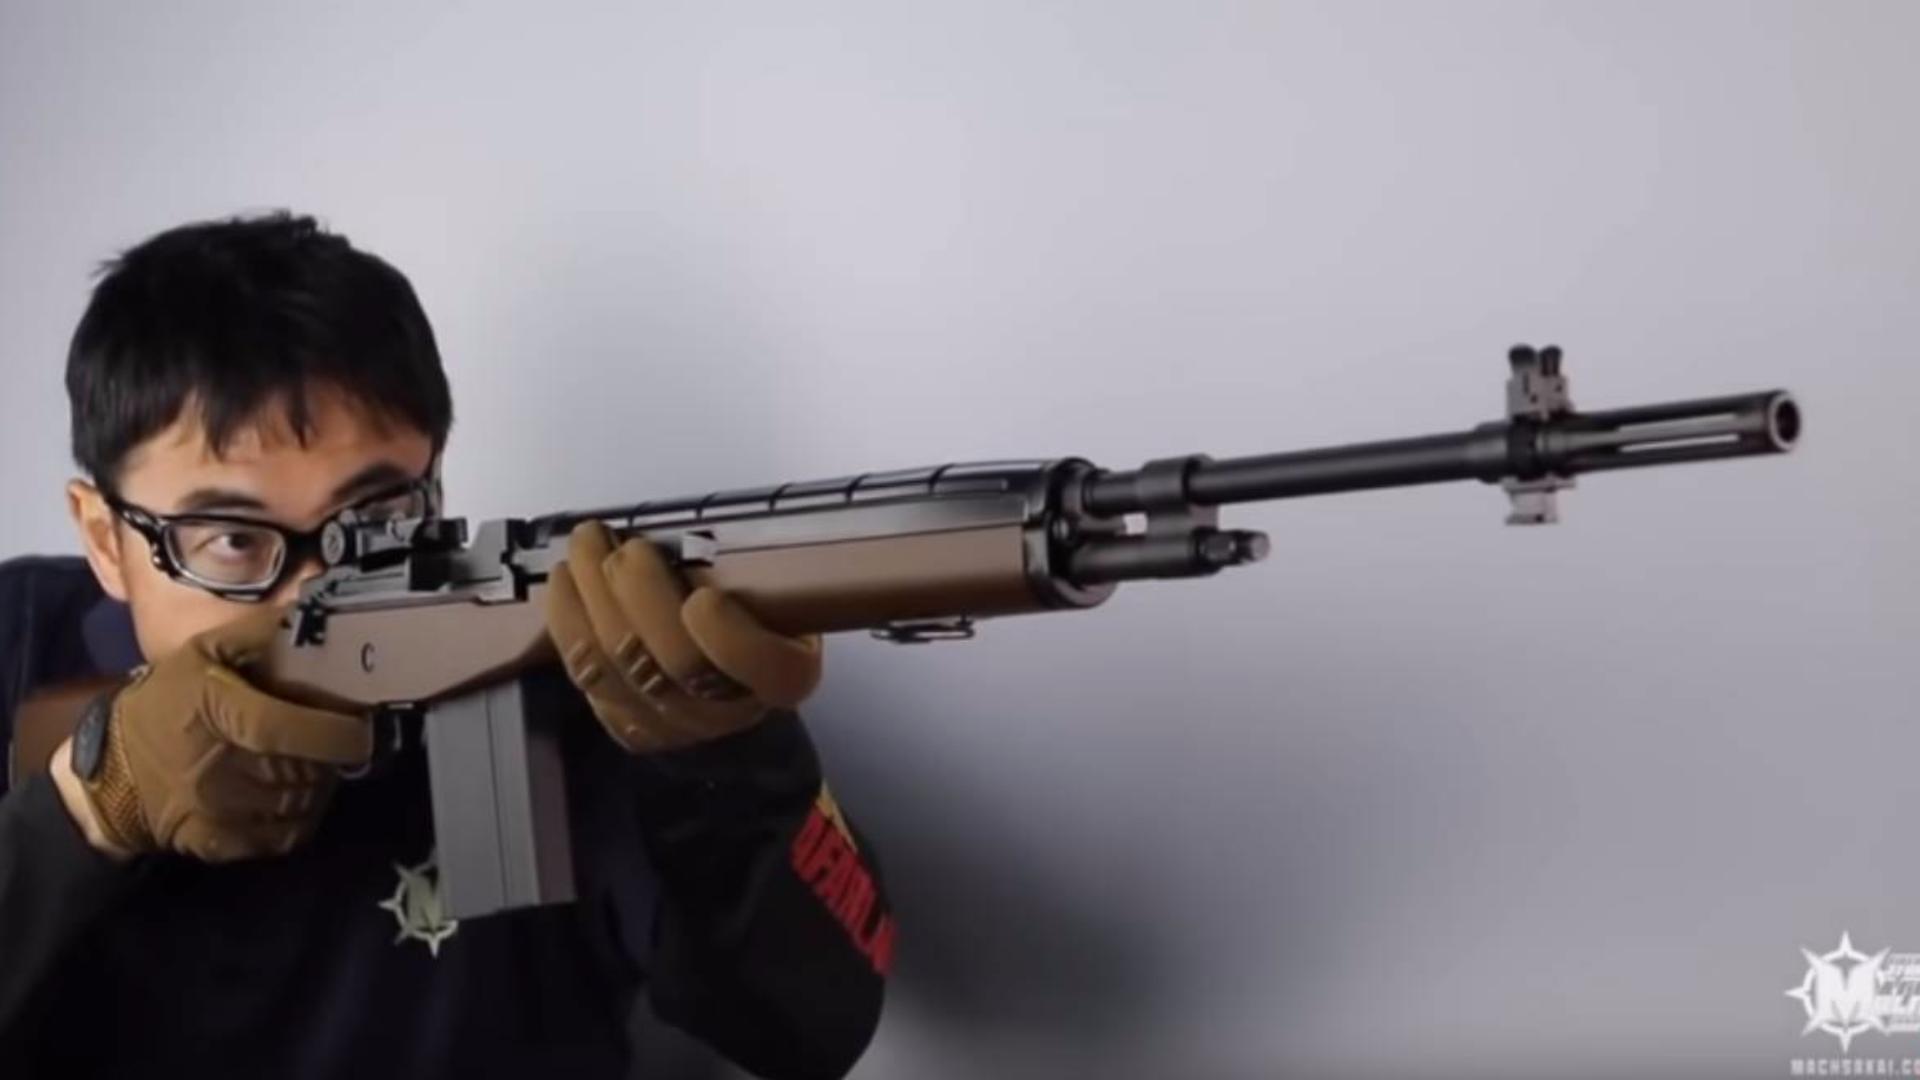 日本壕堺大叔:电动枪篇 持(有)的空气枪介绍Part 1